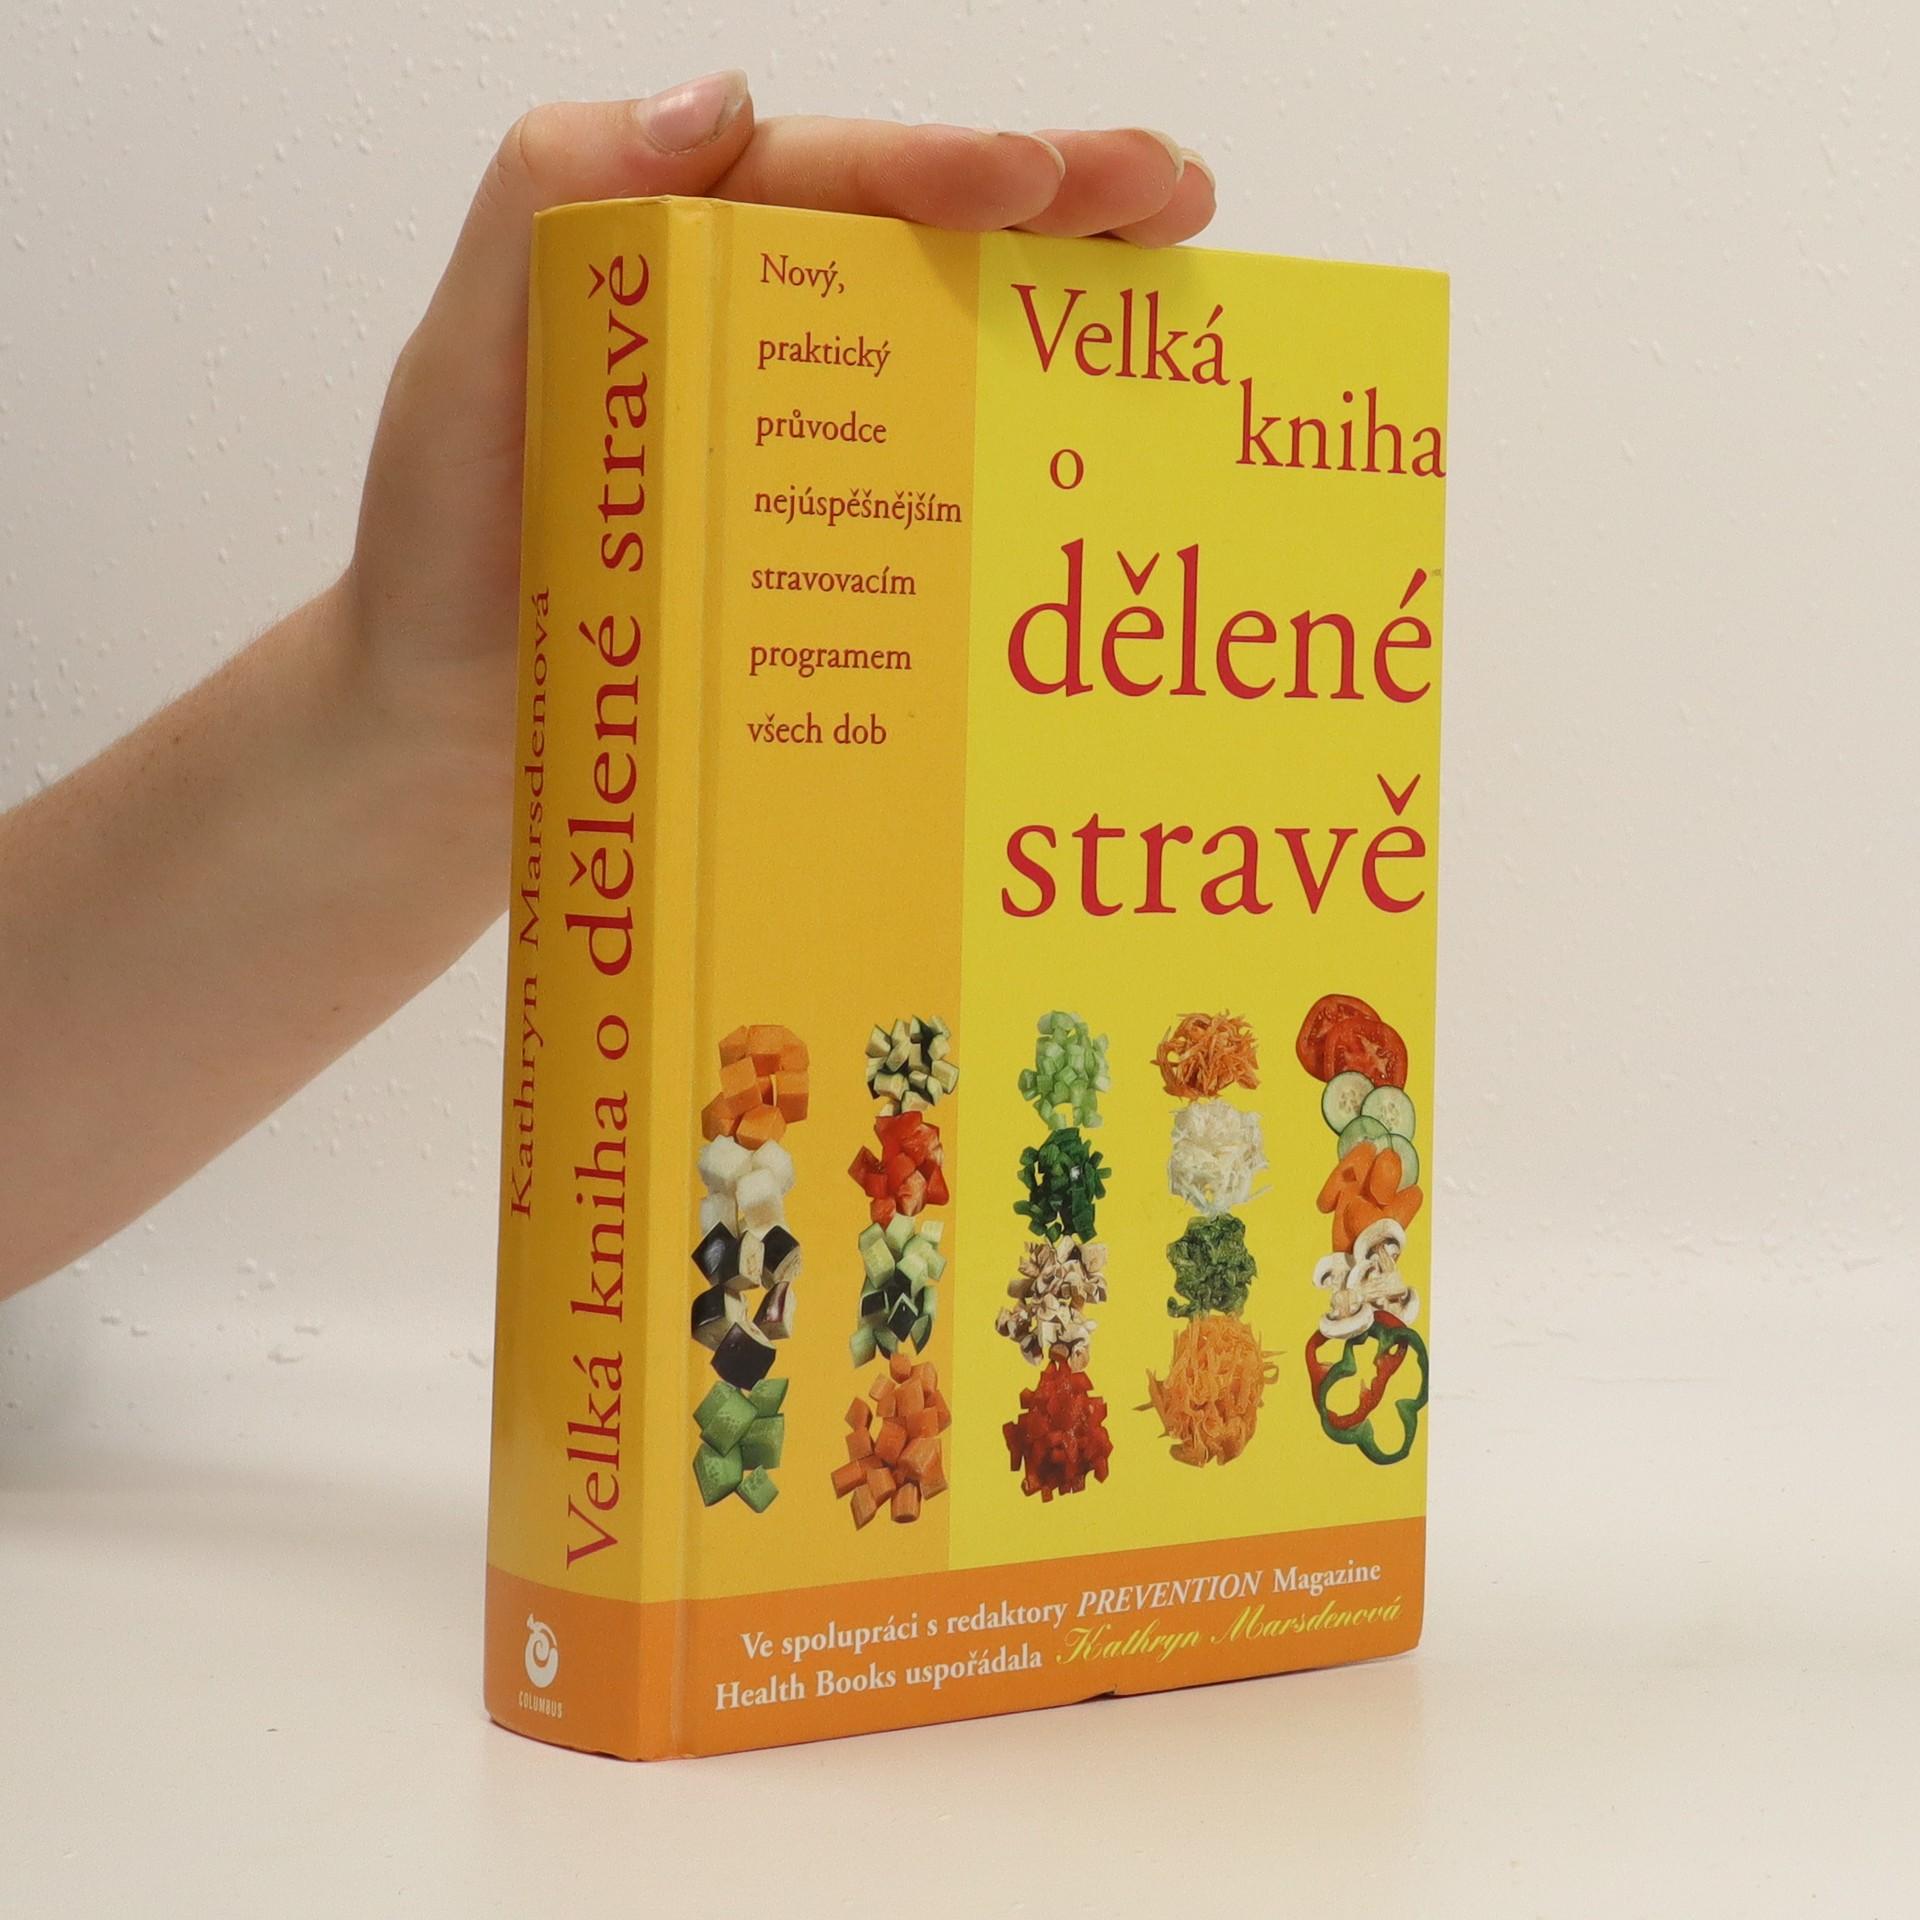 antikvární kniha Velká kniha o dělené stravě : nový, praktický průvodce nejúspěšnějším stravovacím programem všech dob, 2003